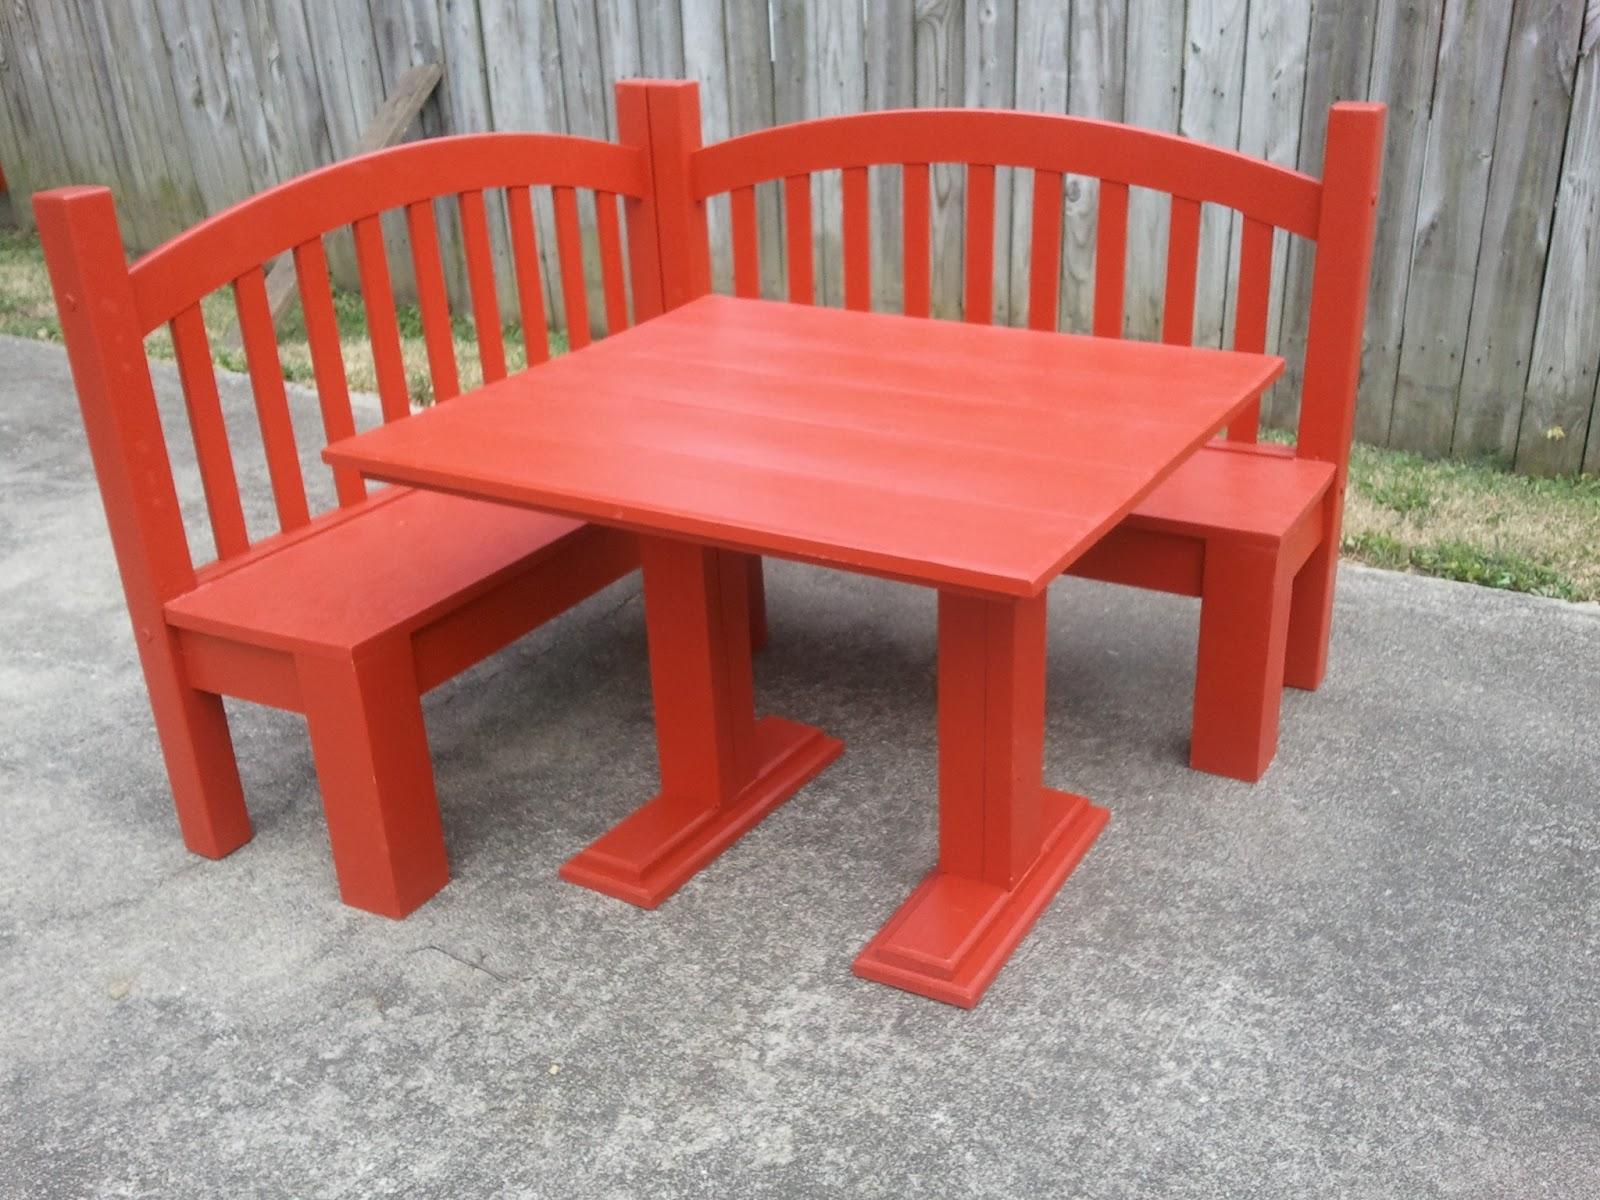 DIY Kids Table - My Repurposed Life®